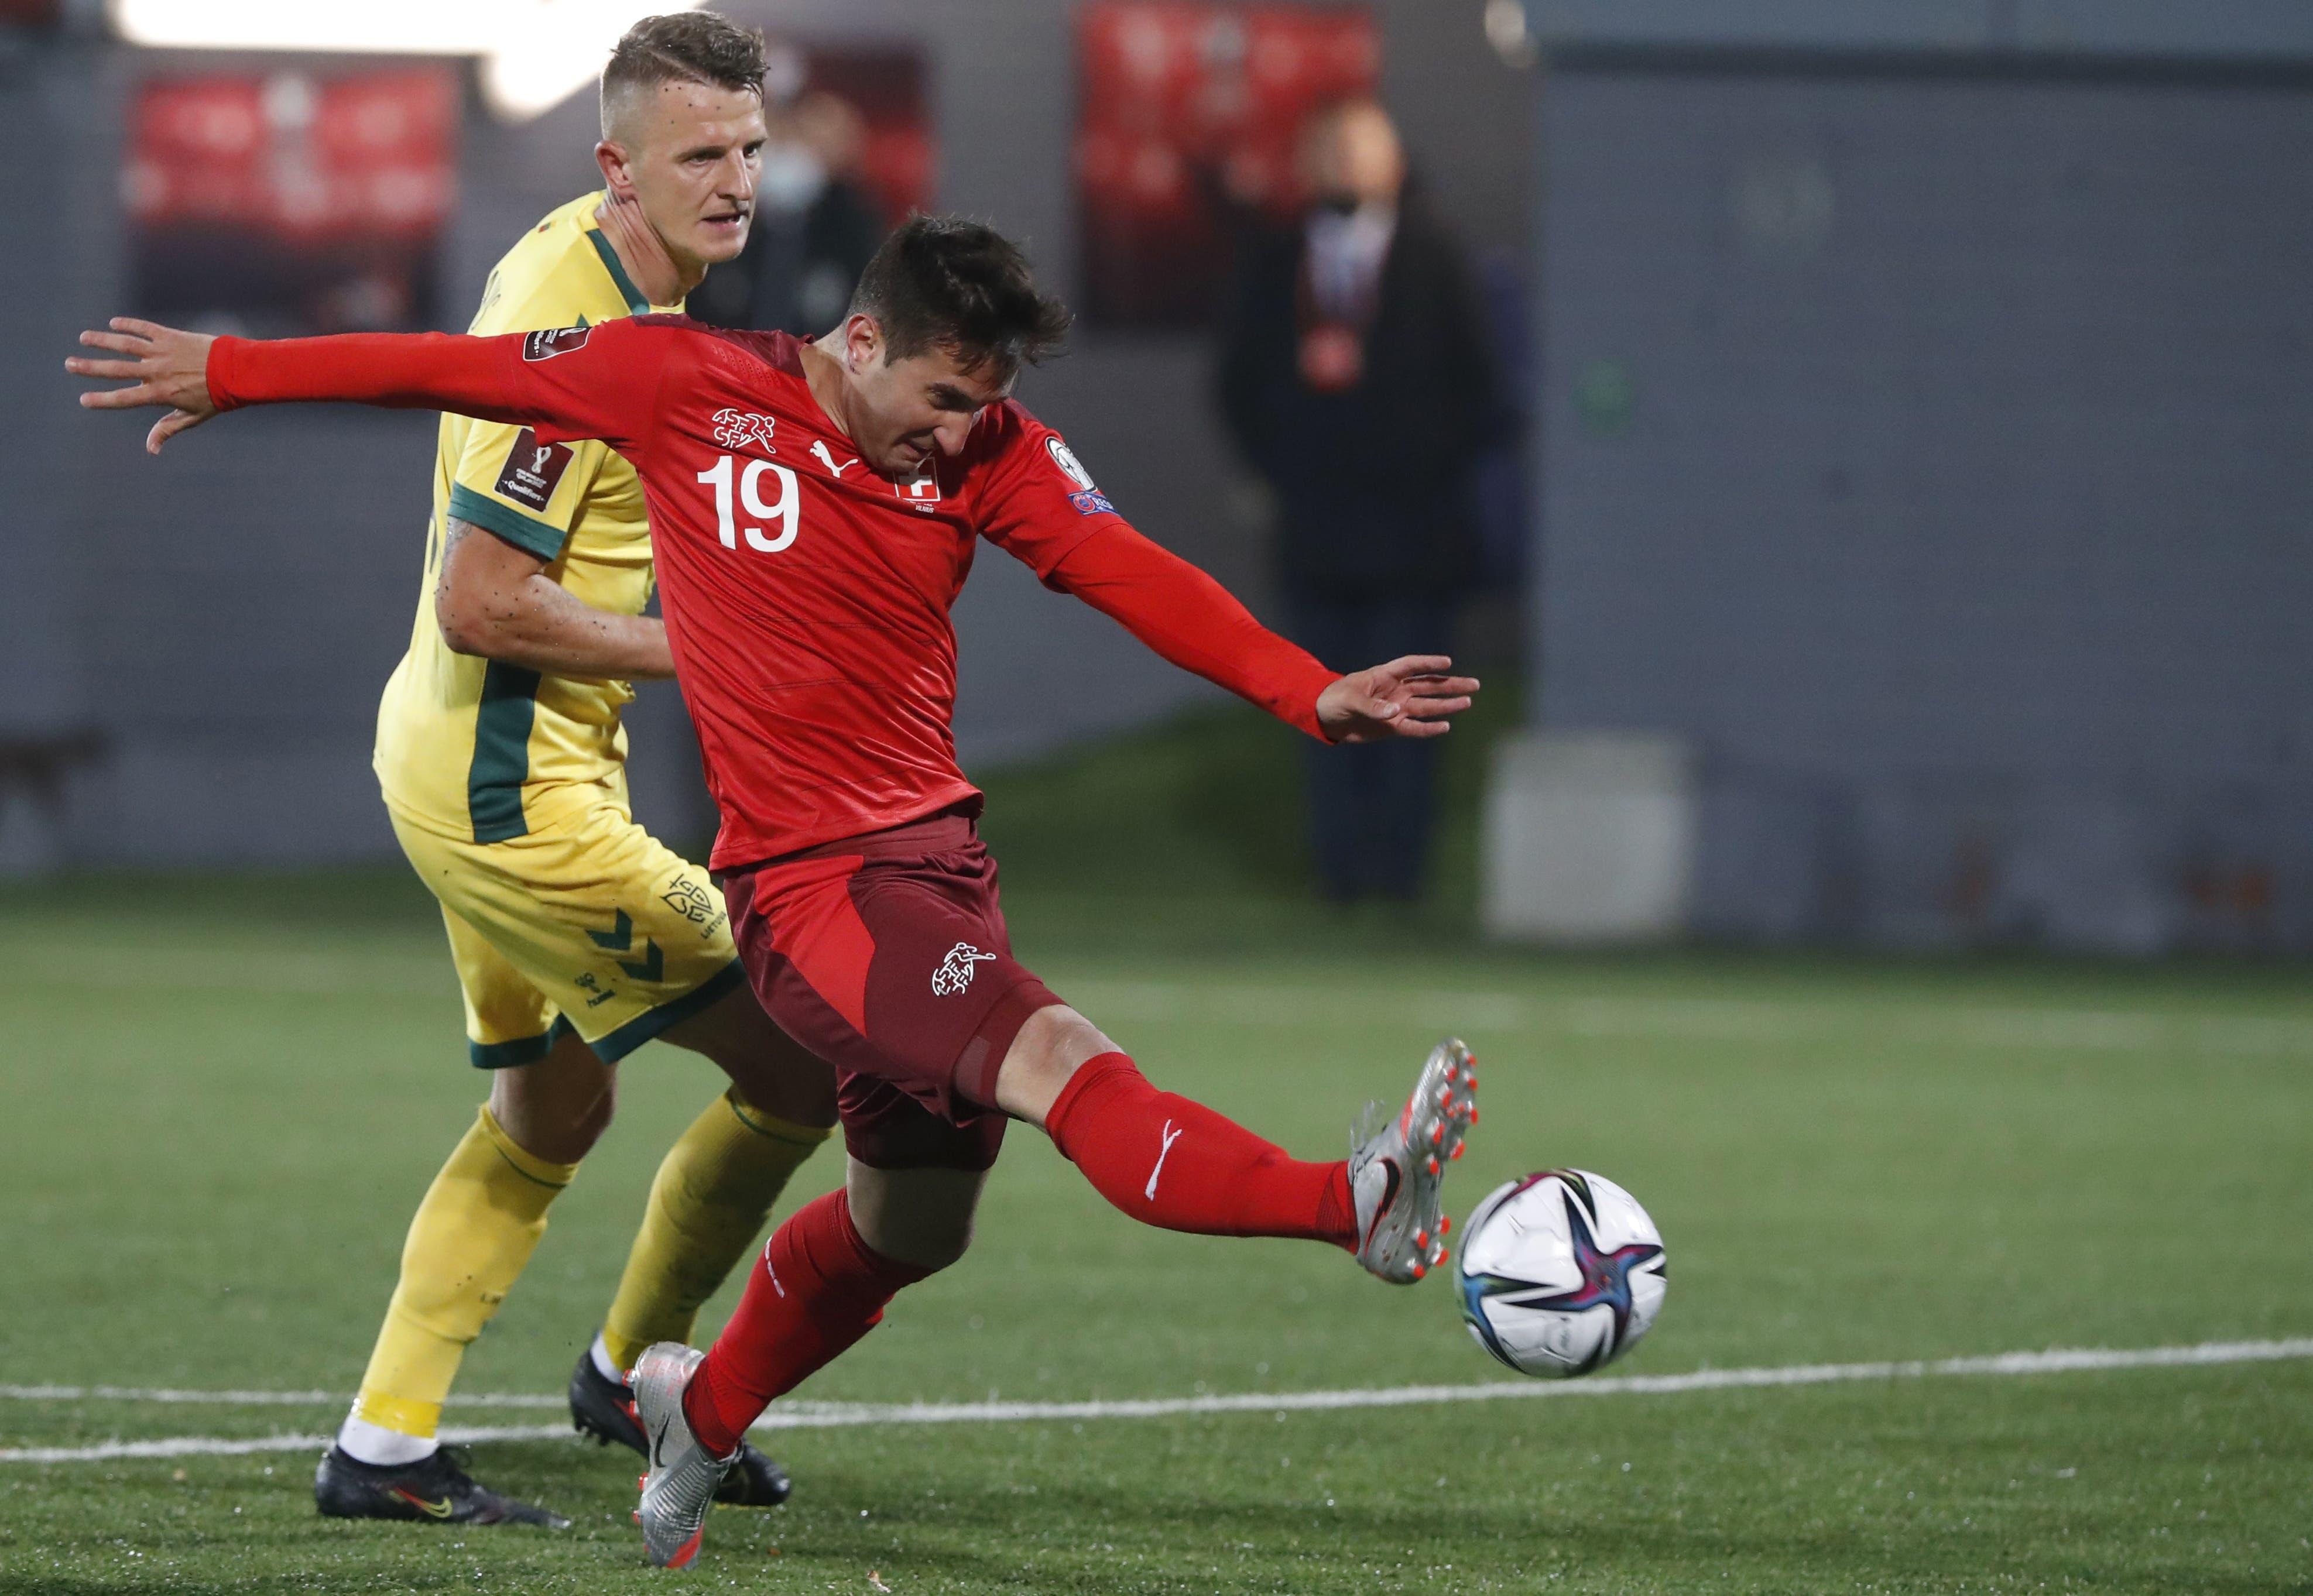 Immerhin, Mario Gavranovic trifft kurz vor Spielende noch zum 4:0.